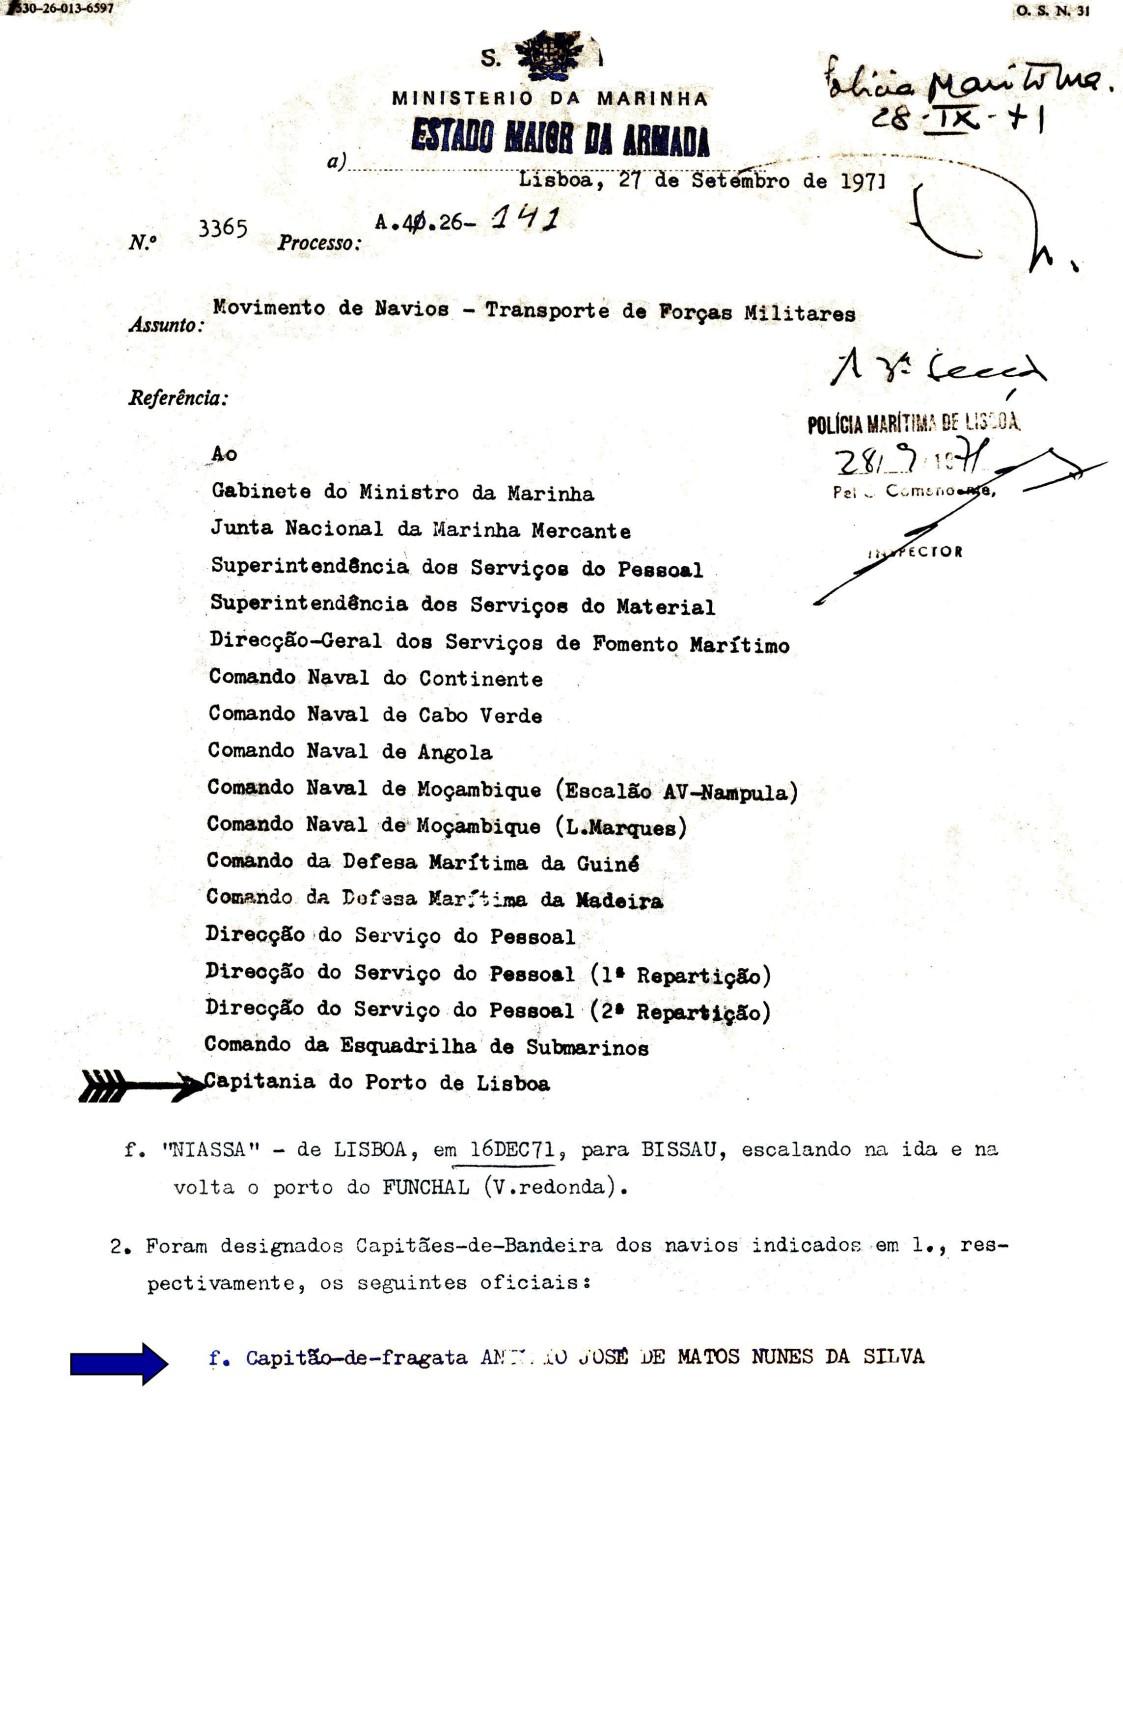 00581 971-12-16 designado Capitão-de-Bandeira do transporte de Forças Militares no NIASSA para Bissau